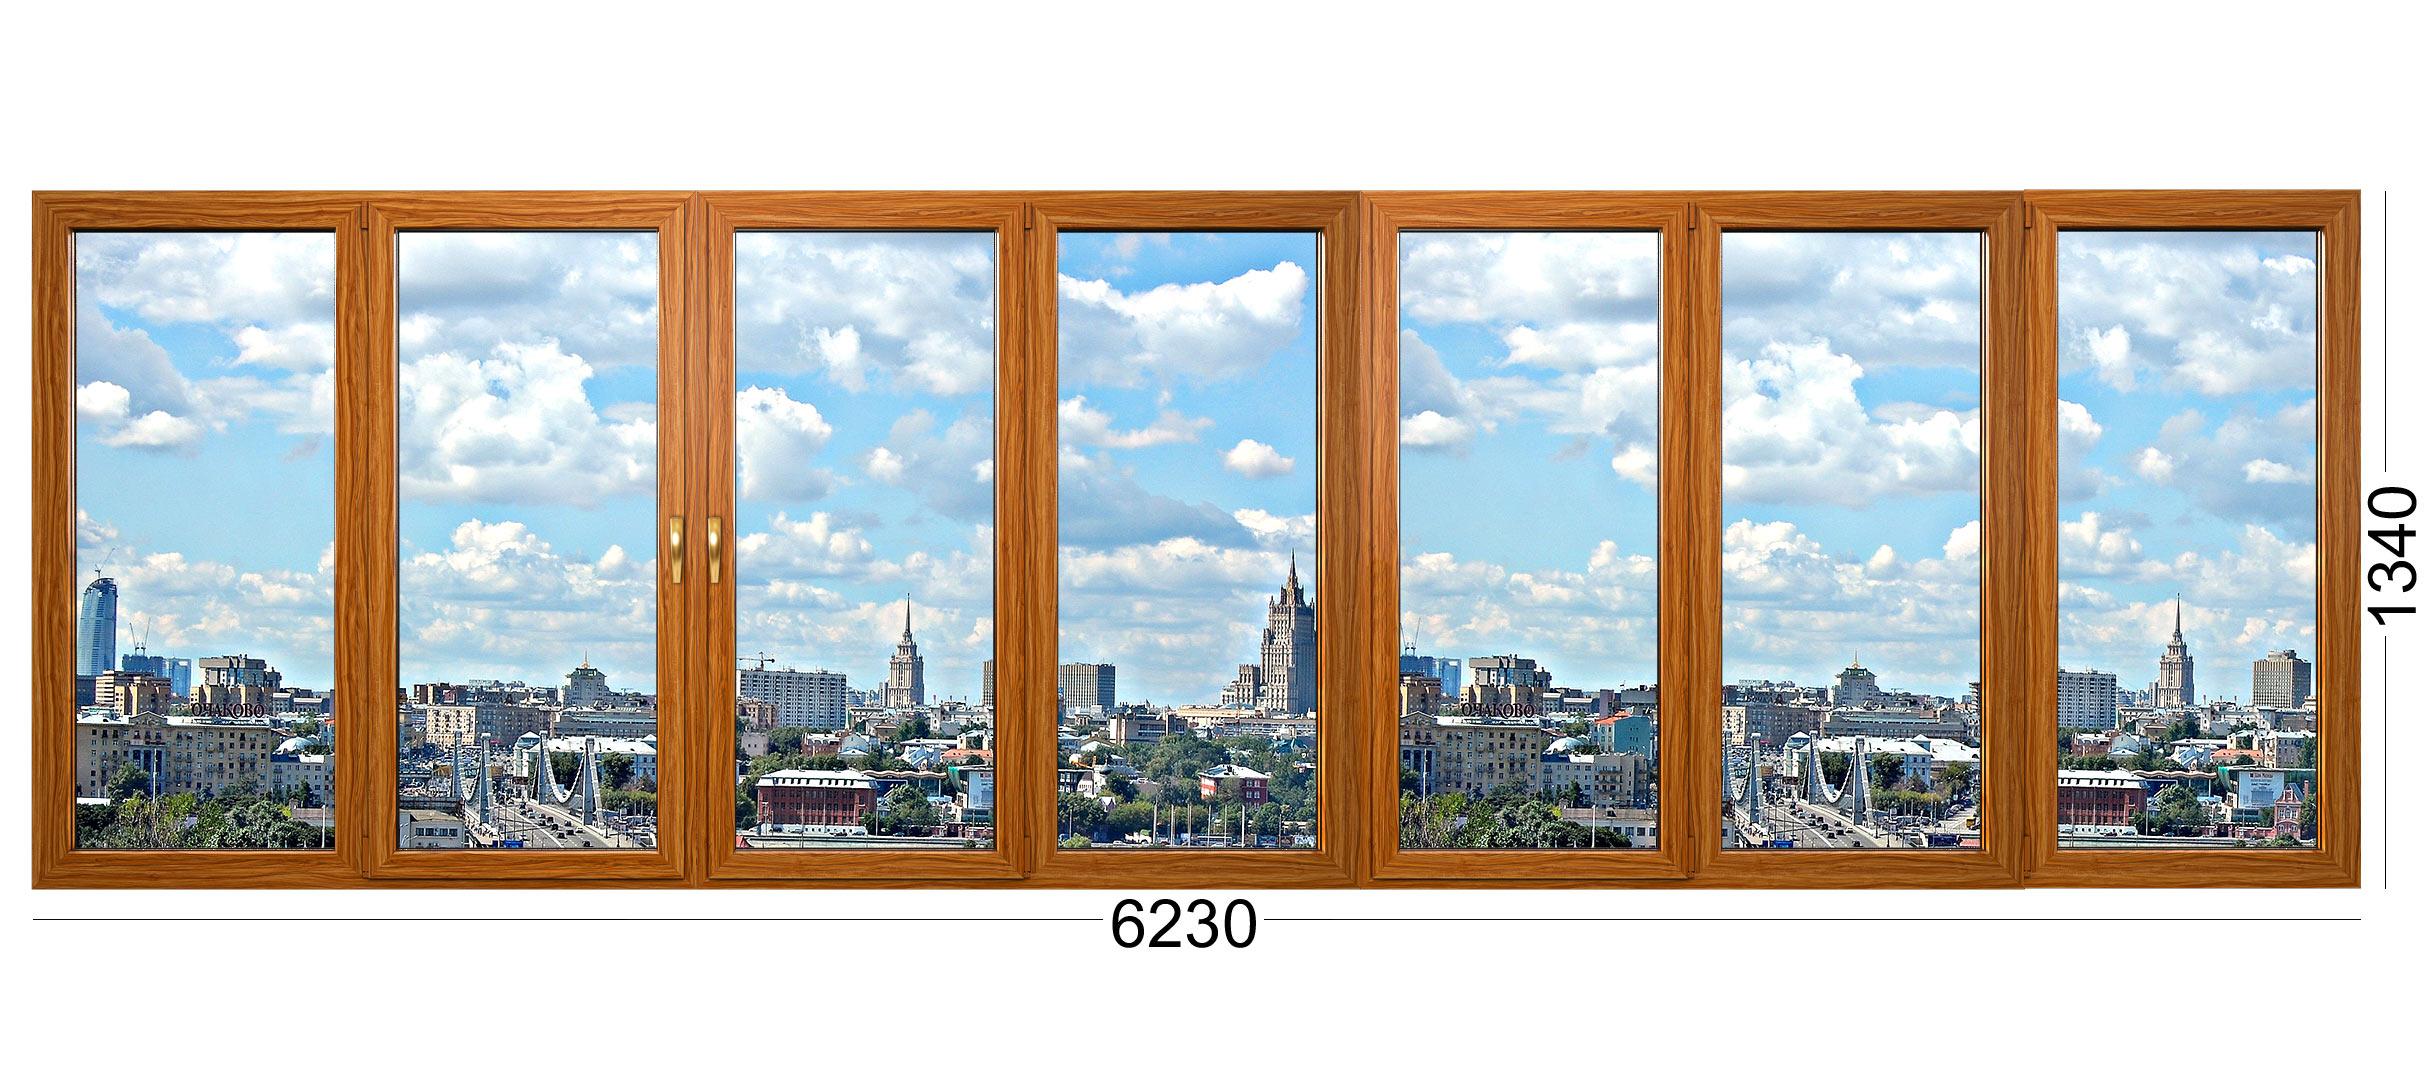 Лоджия деревянная для дома серии И-522А в москве